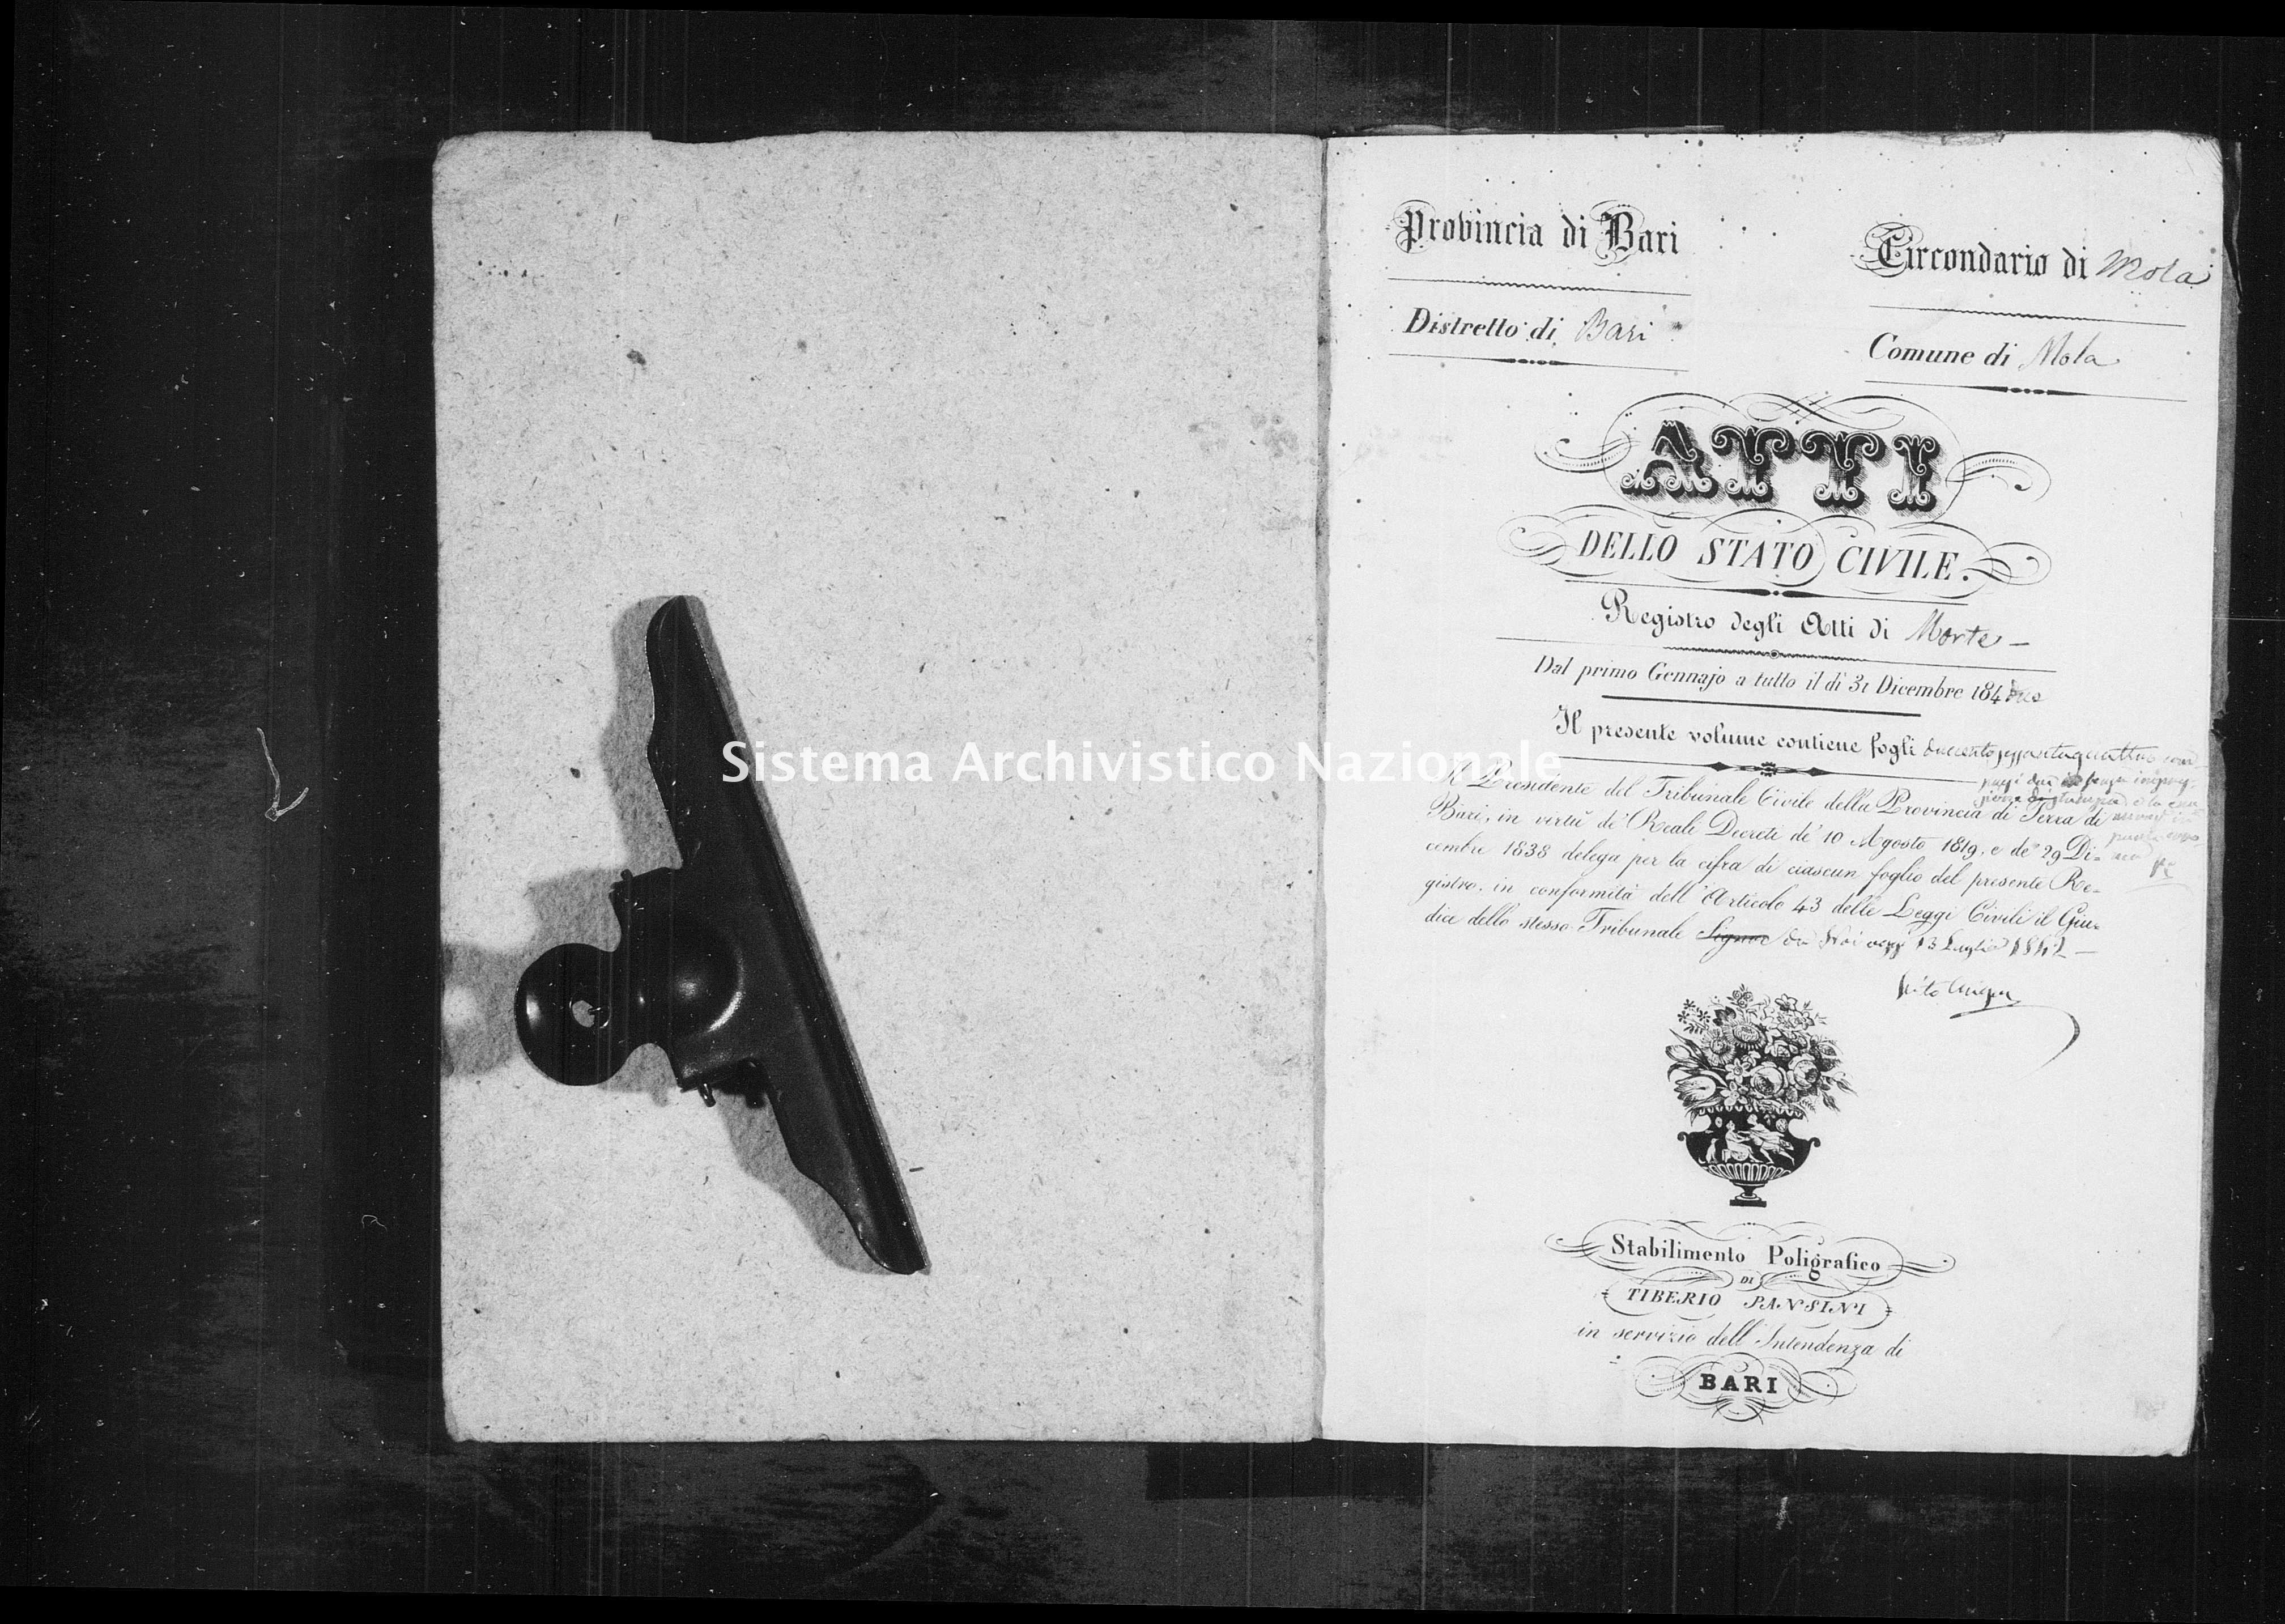 Archivio di stato di Bari - Stato civile della restaurazione - Mola - Morti - 1842 - Parte 2 -